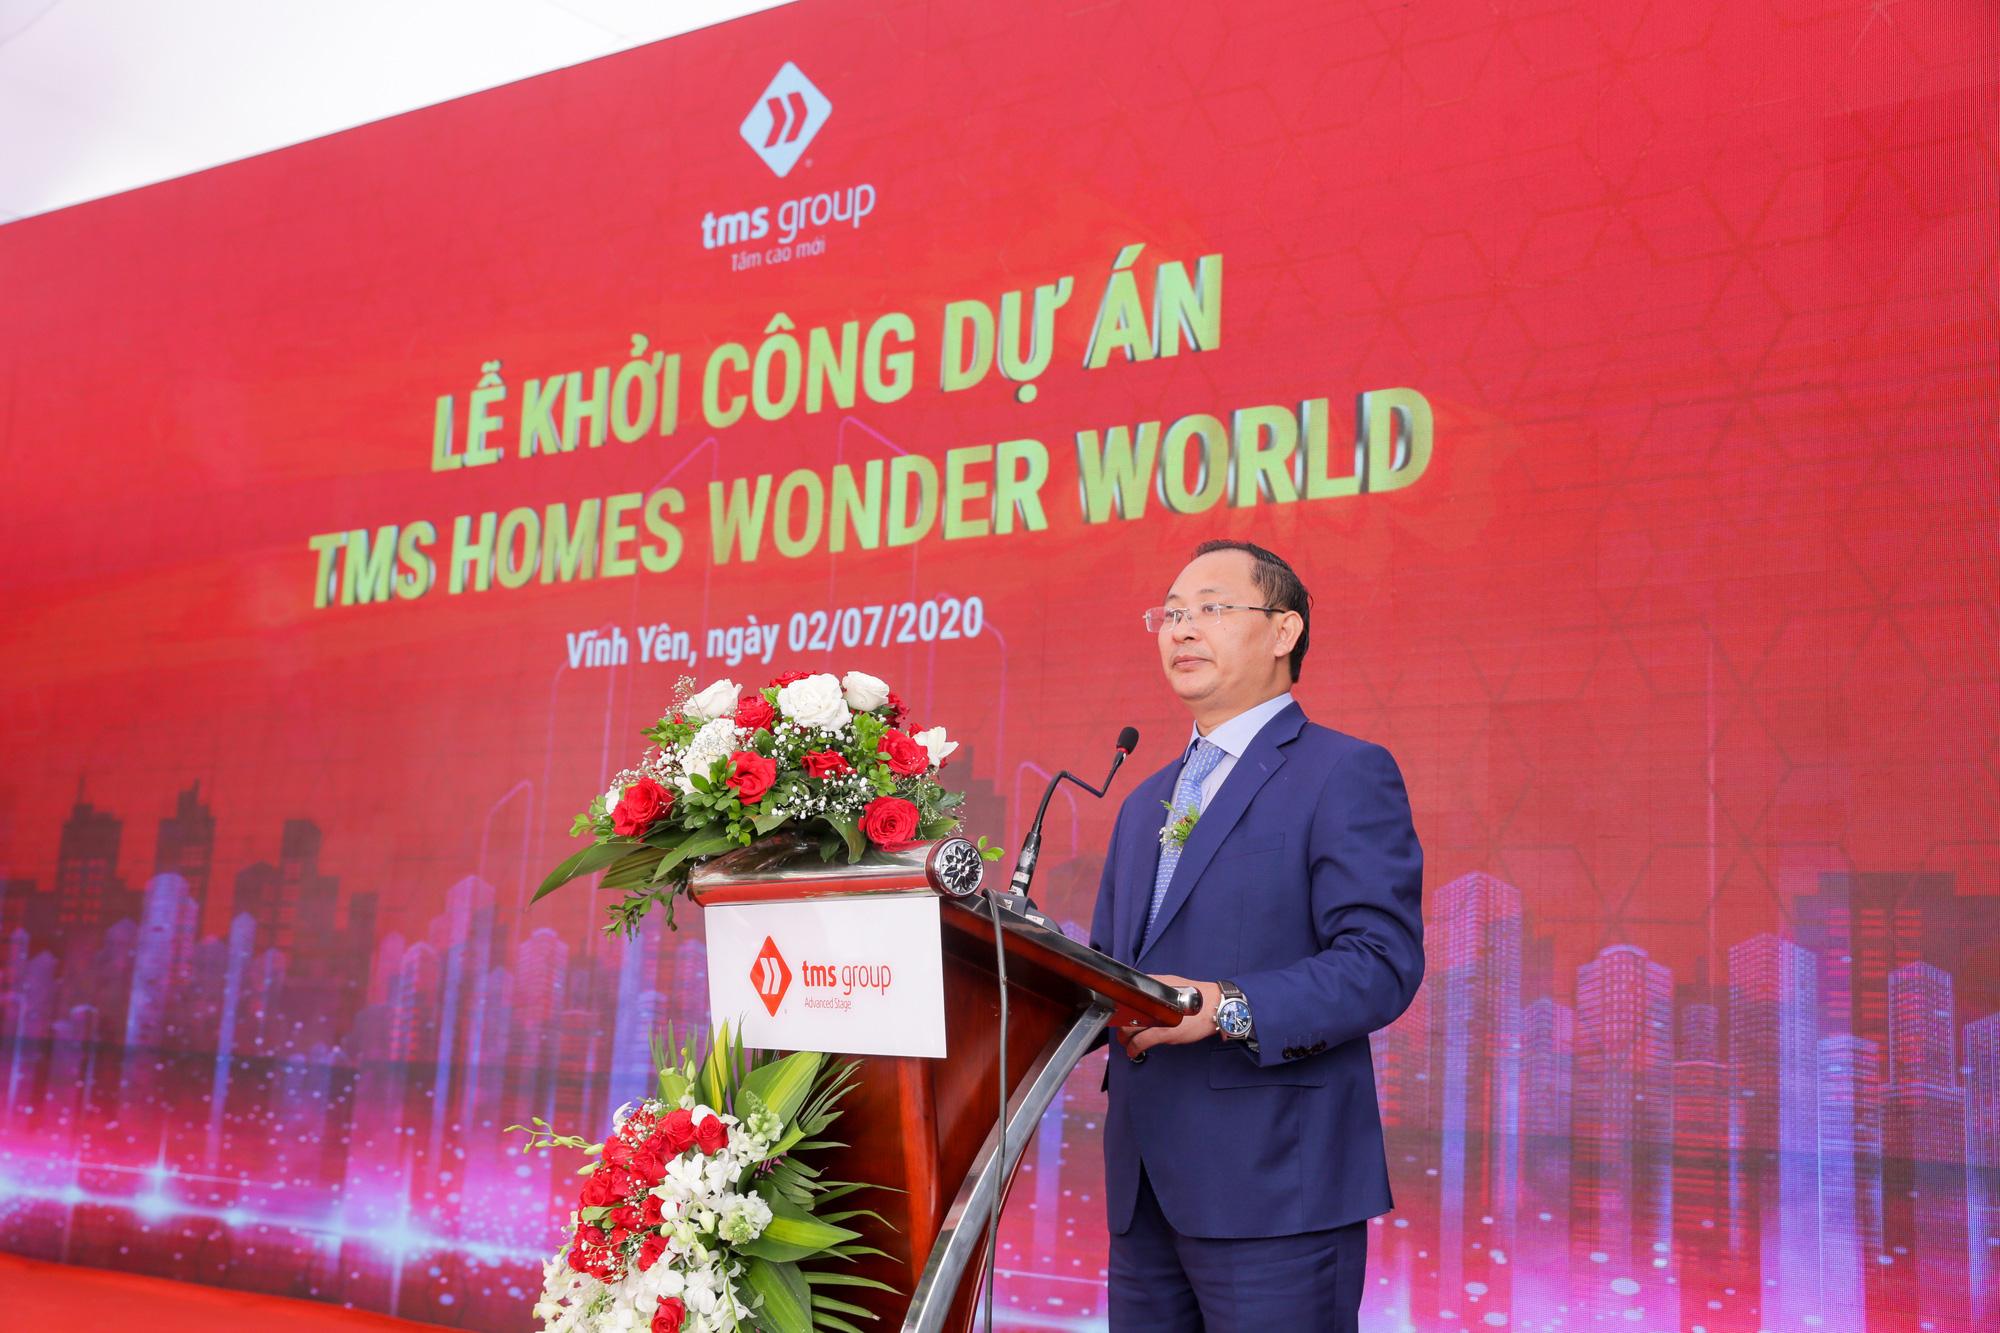 Khởi công TMS Homes Wonder World - từ điểm sáng đầu tư đến sức hút thương hiệu - Ảnh 1.